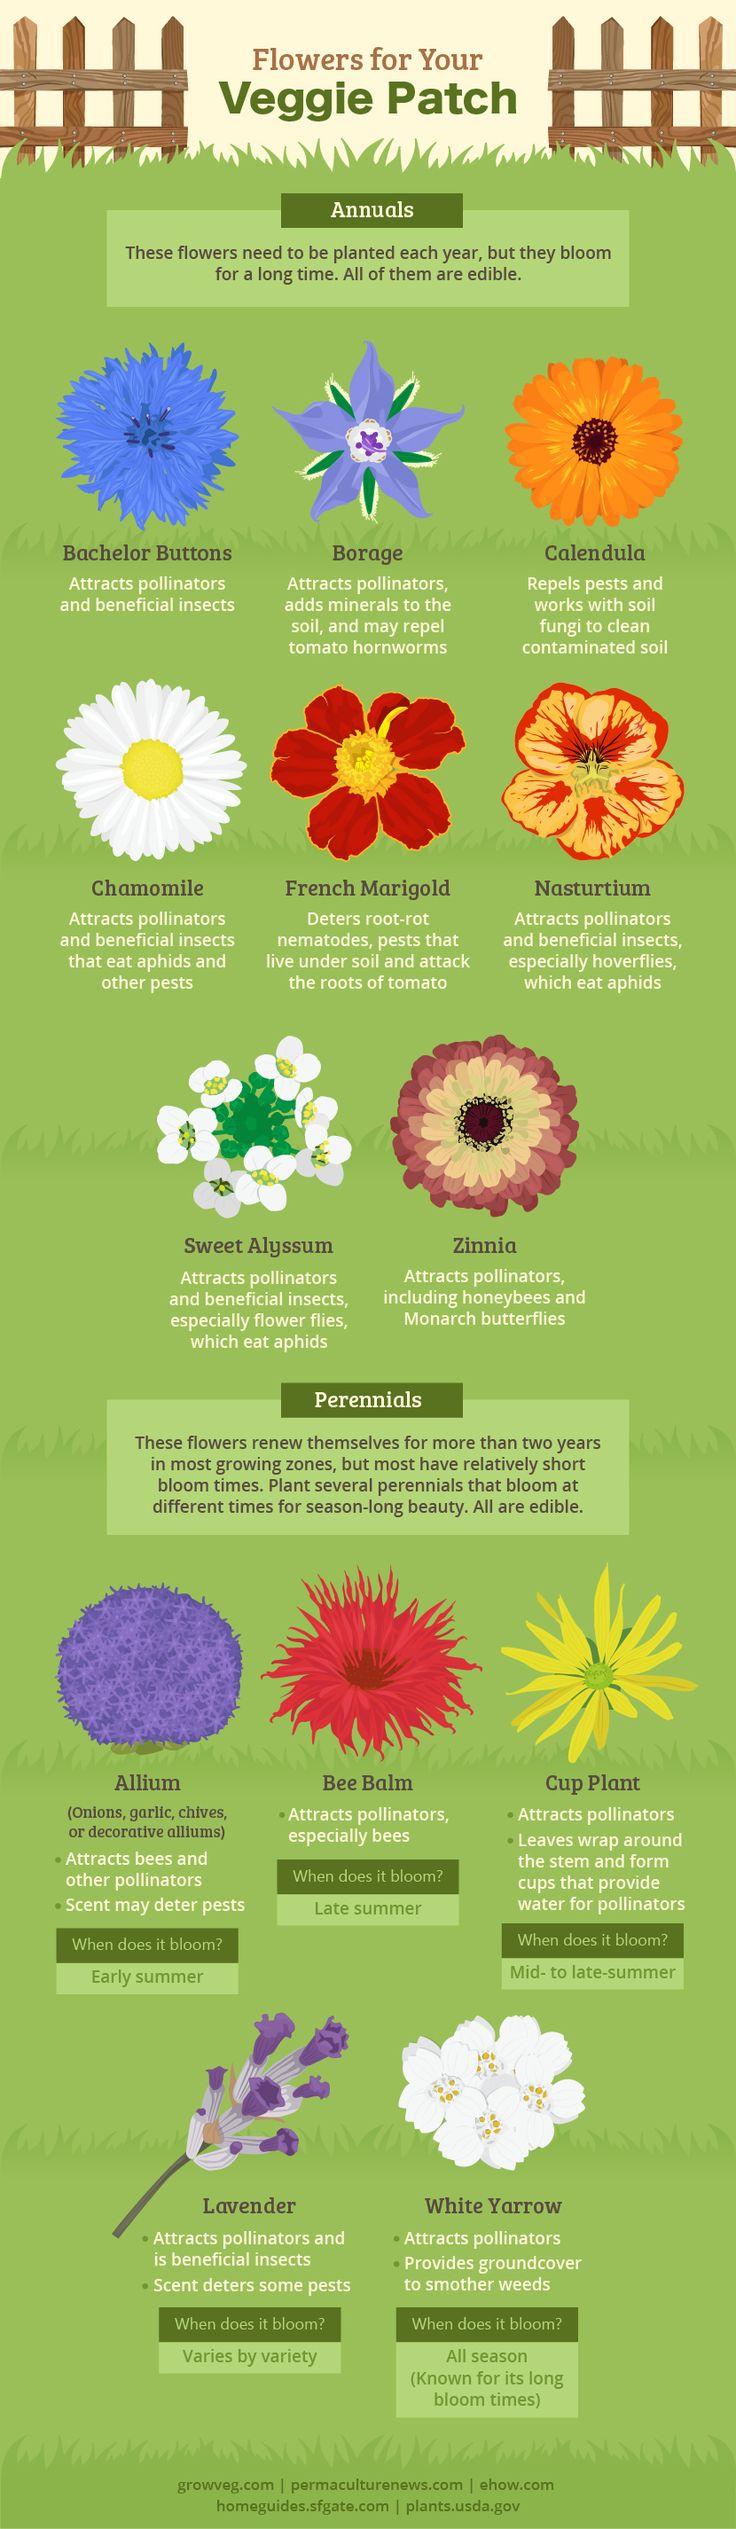 Des fleurs pour le jardin compagnonnage des plantes et les abeilles